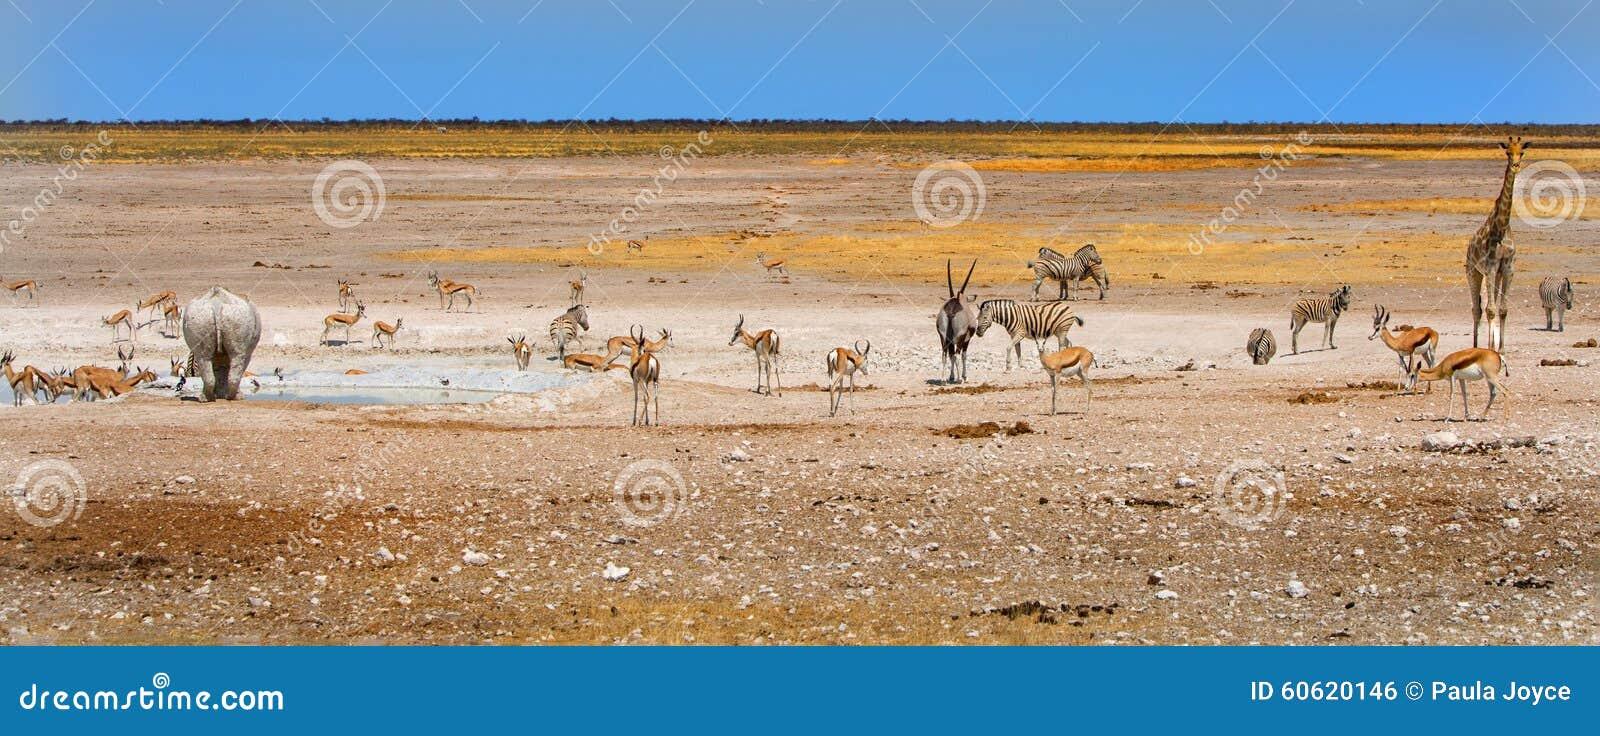 Разнообразие животные вокруг waterhole в национальном парке Etosha